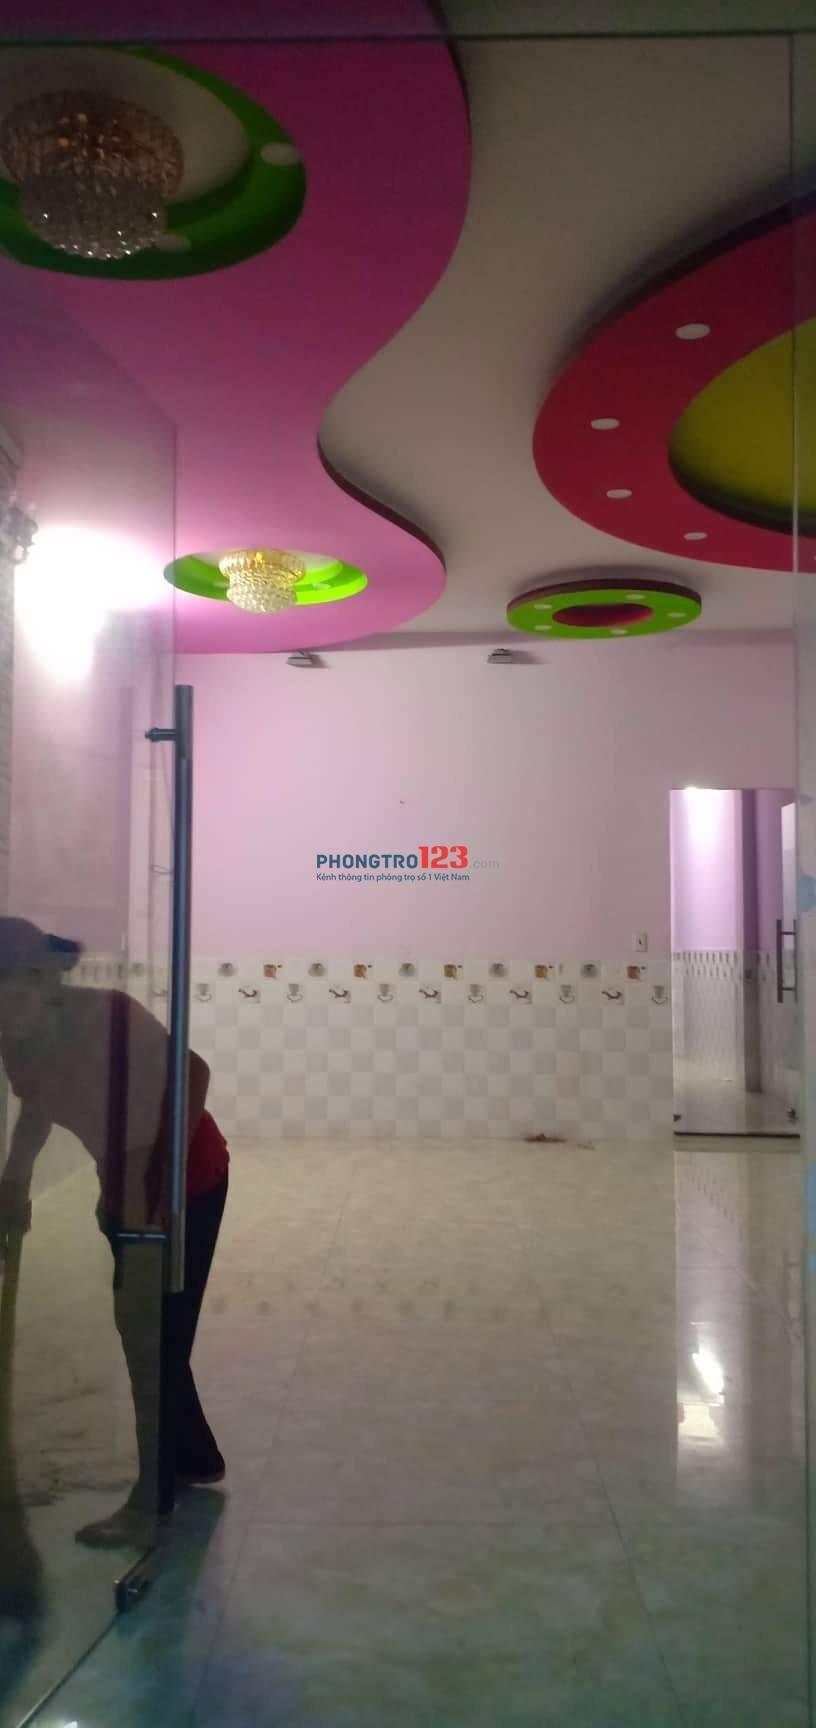 Phòng trọ cao cấp máy lạnh mới xây (Ngay chợ Bình Hưng Hòa)